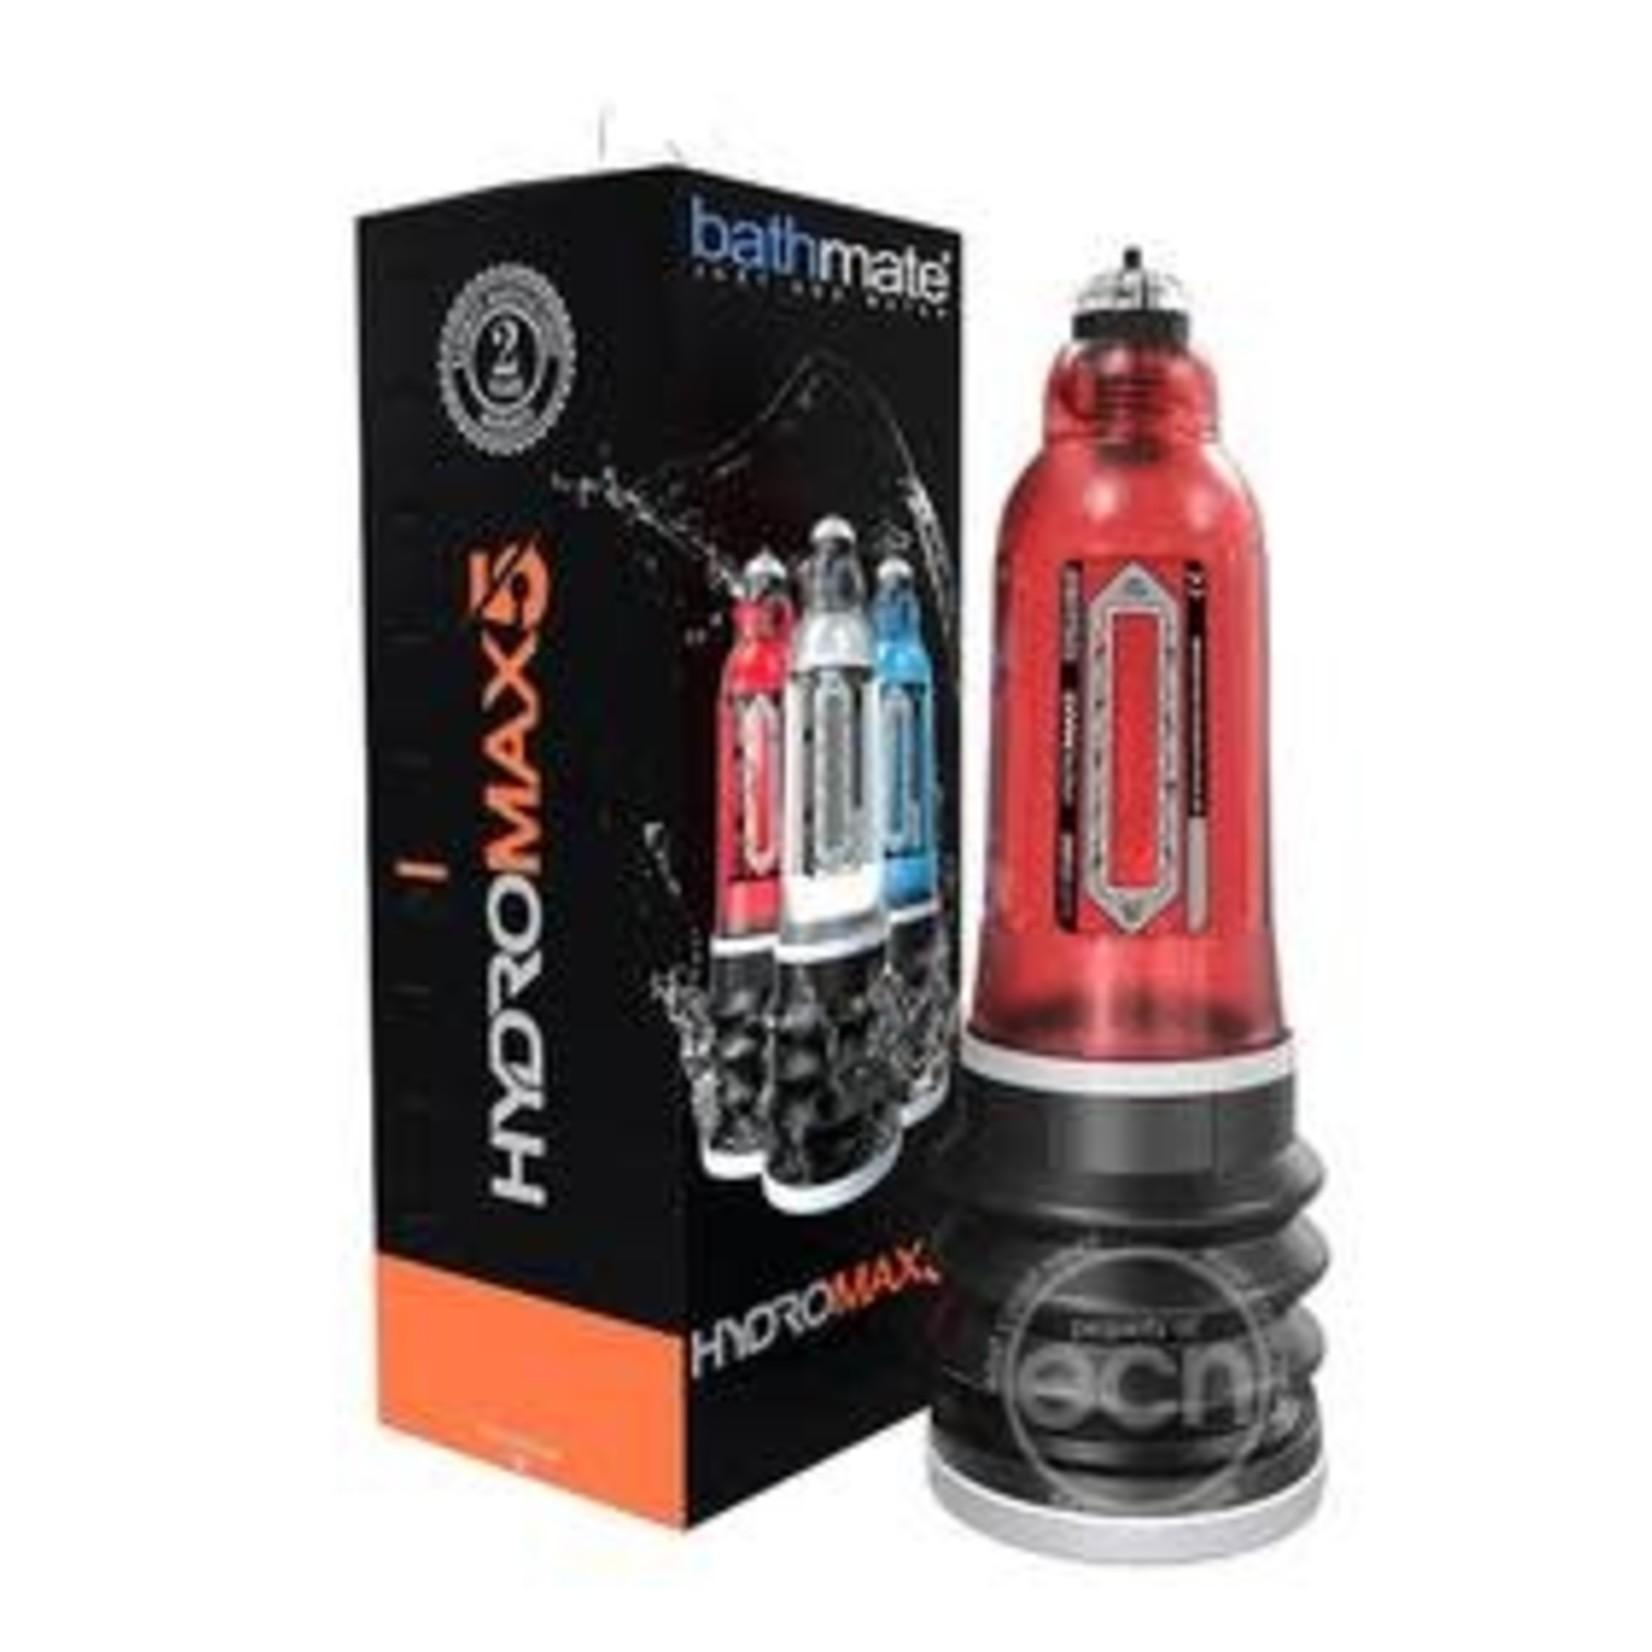 Hydromax 5 Penis Pump - Red